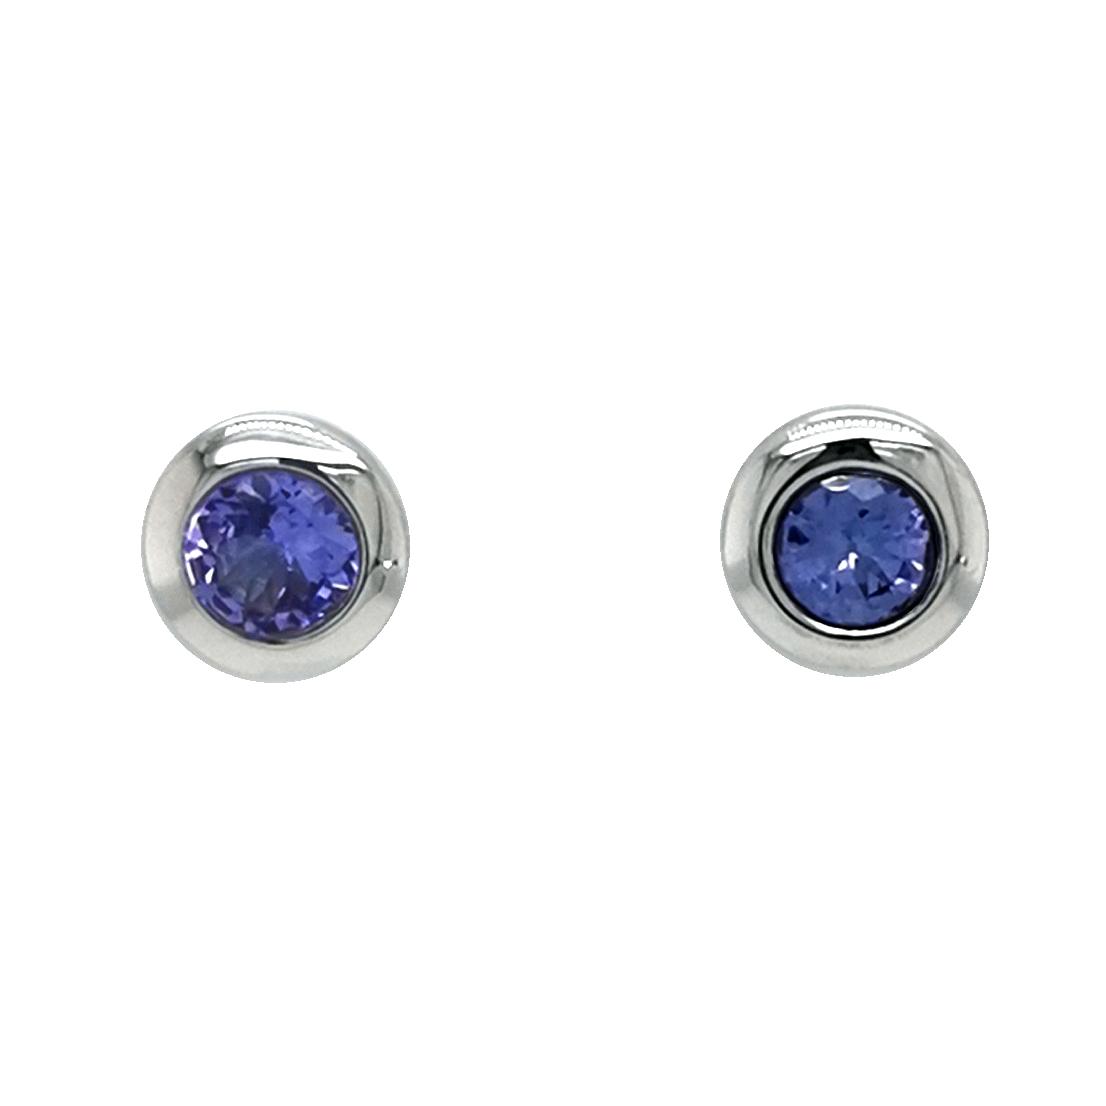 Ohrstecker aus 925 Sterling Silber mit blauem Tansanit Edelstein 4mm rund facettiert ca. 0,6ct total